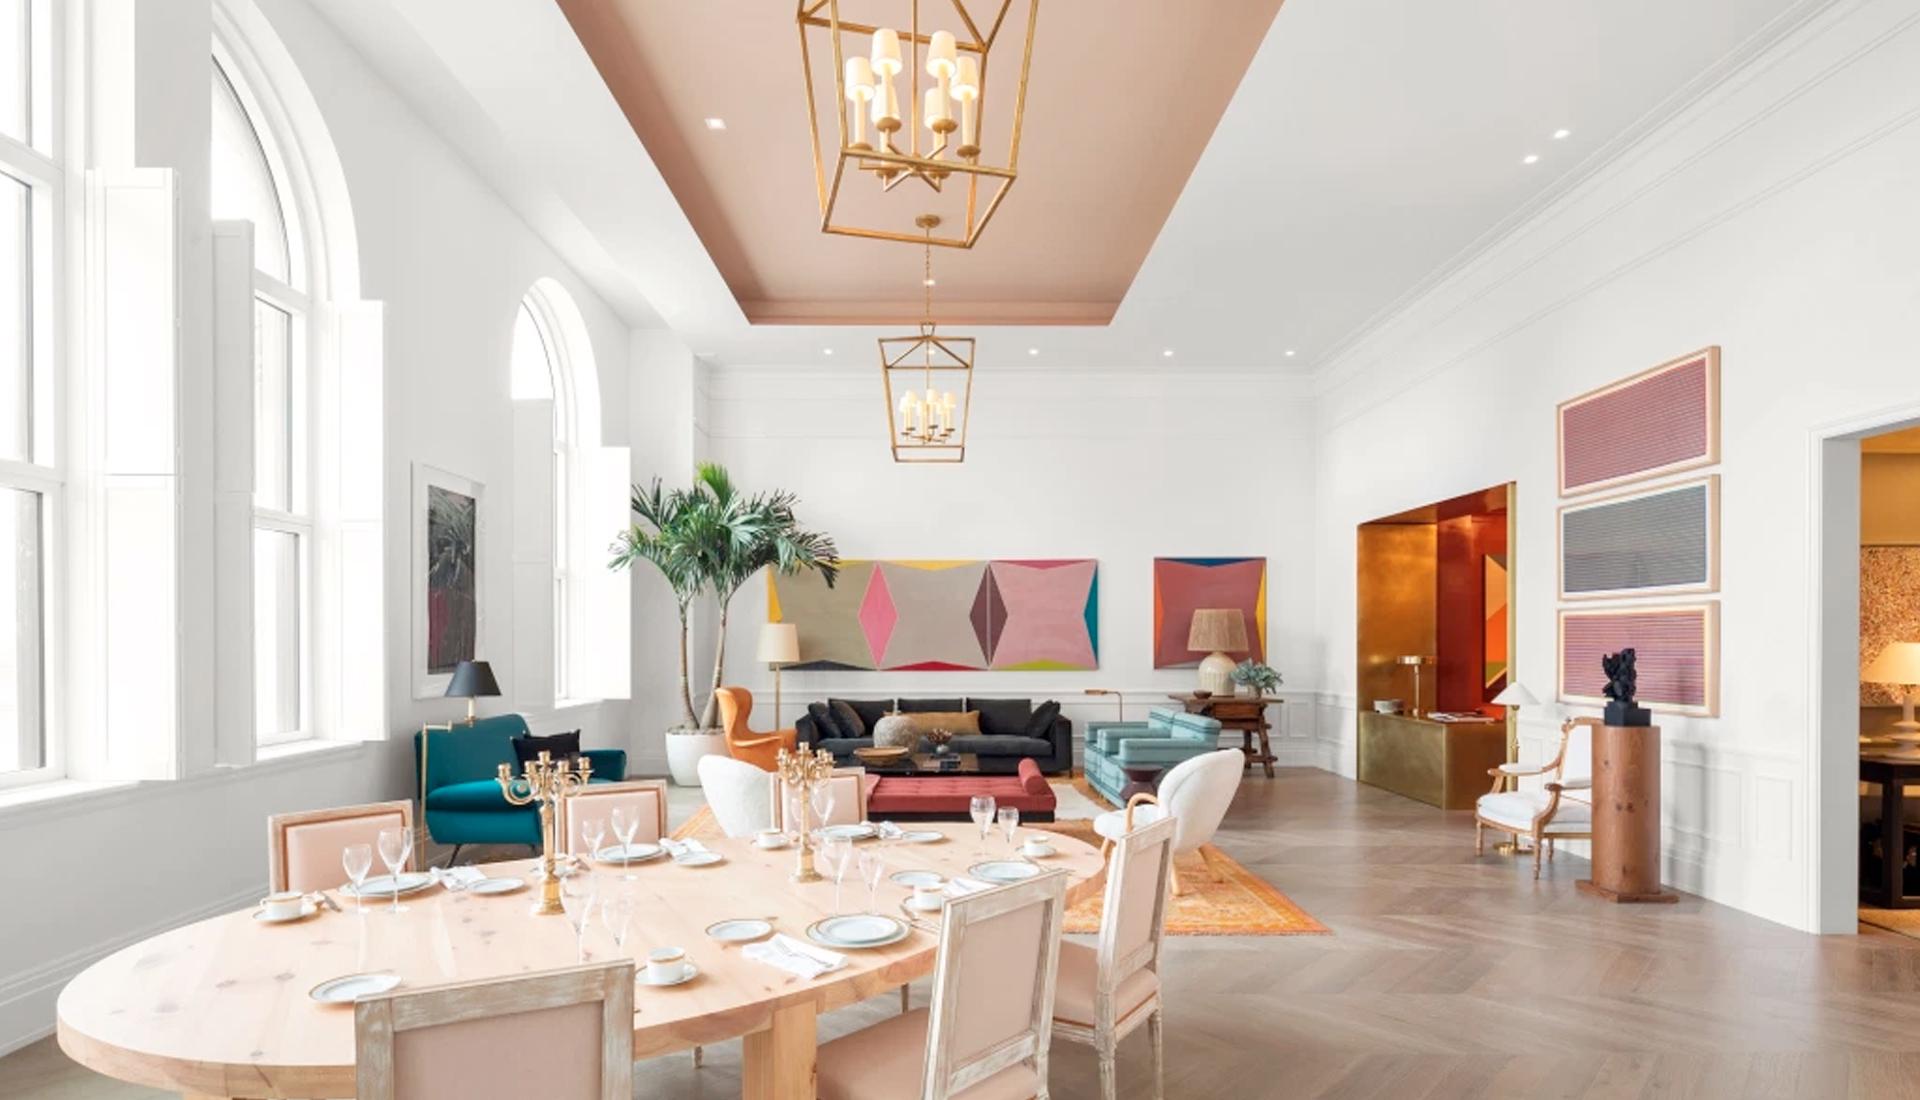 Николь Кидман и Кит Урбан приобрели квартиру на Манхэттене